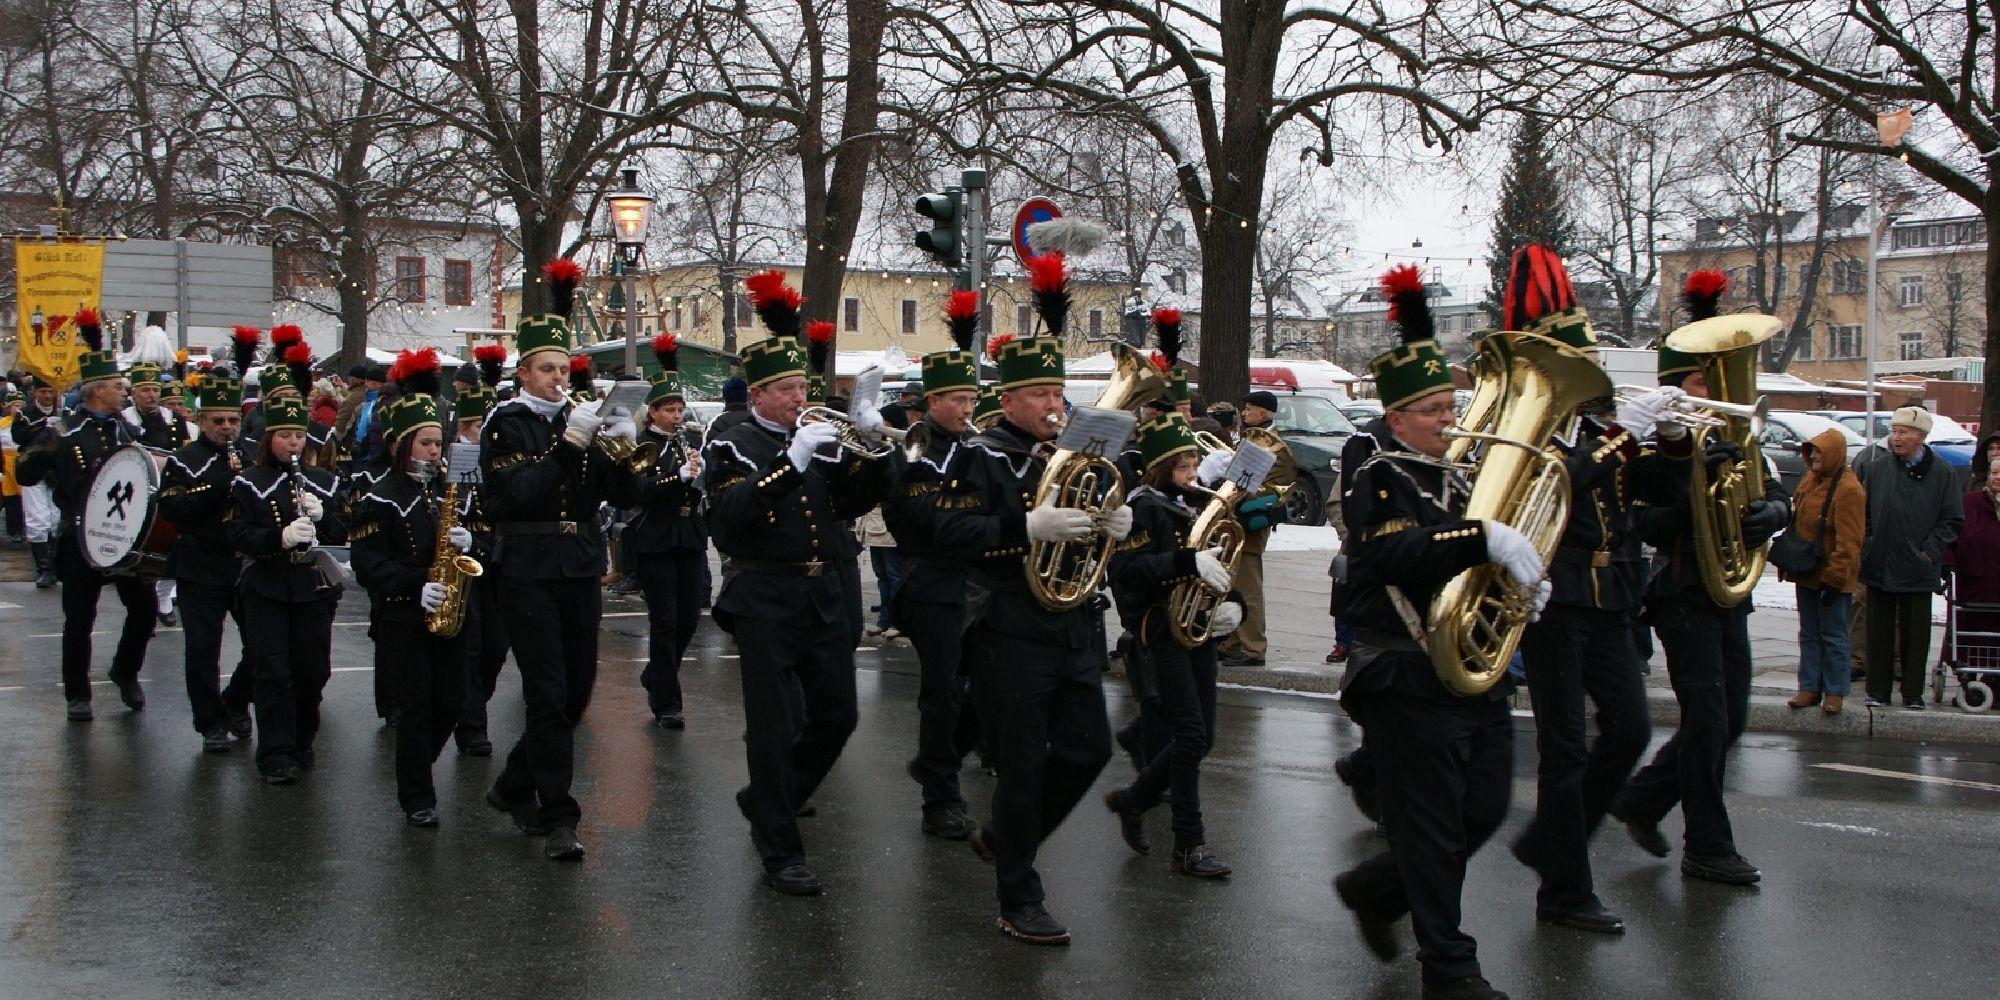 Bergmännischer Musikverein Ehrenfriedersdorf